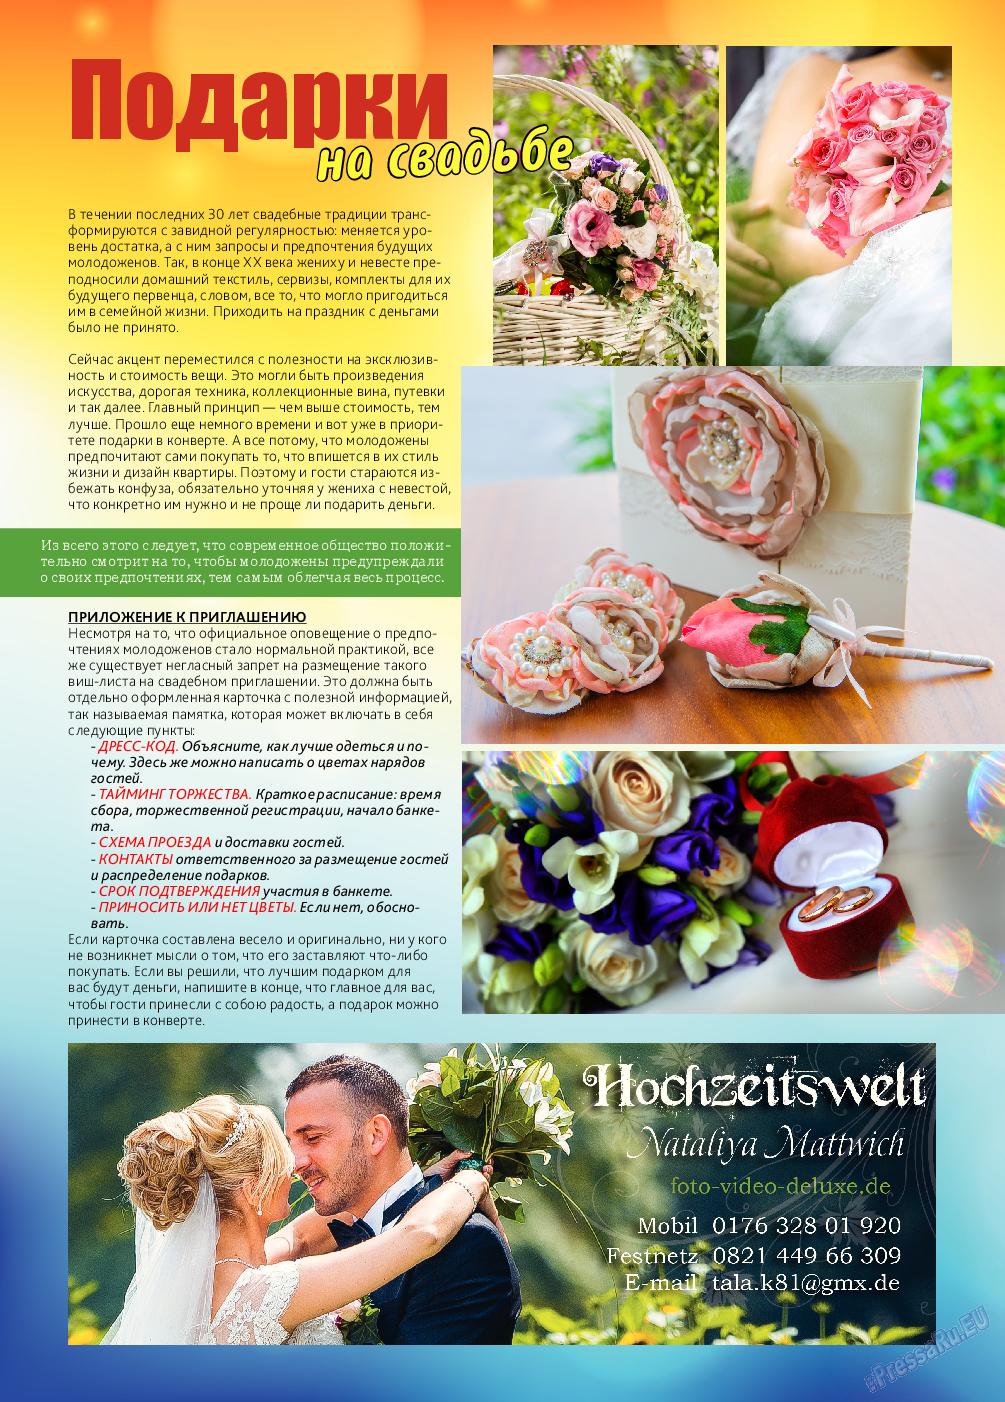 Афиша Augsburg (журнал). 2015 год, номер 4, стр. 28